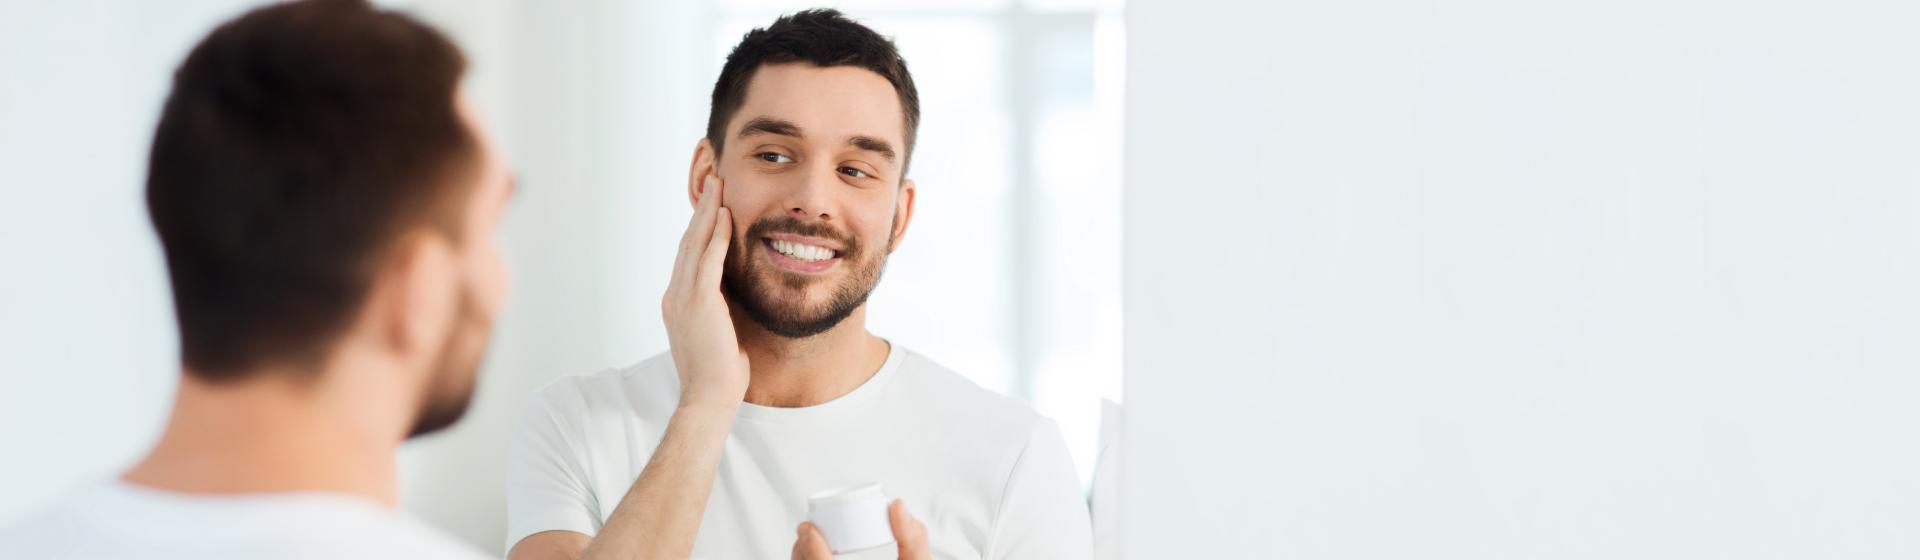 Produto para crescer barba: veja as 5 melhores opções